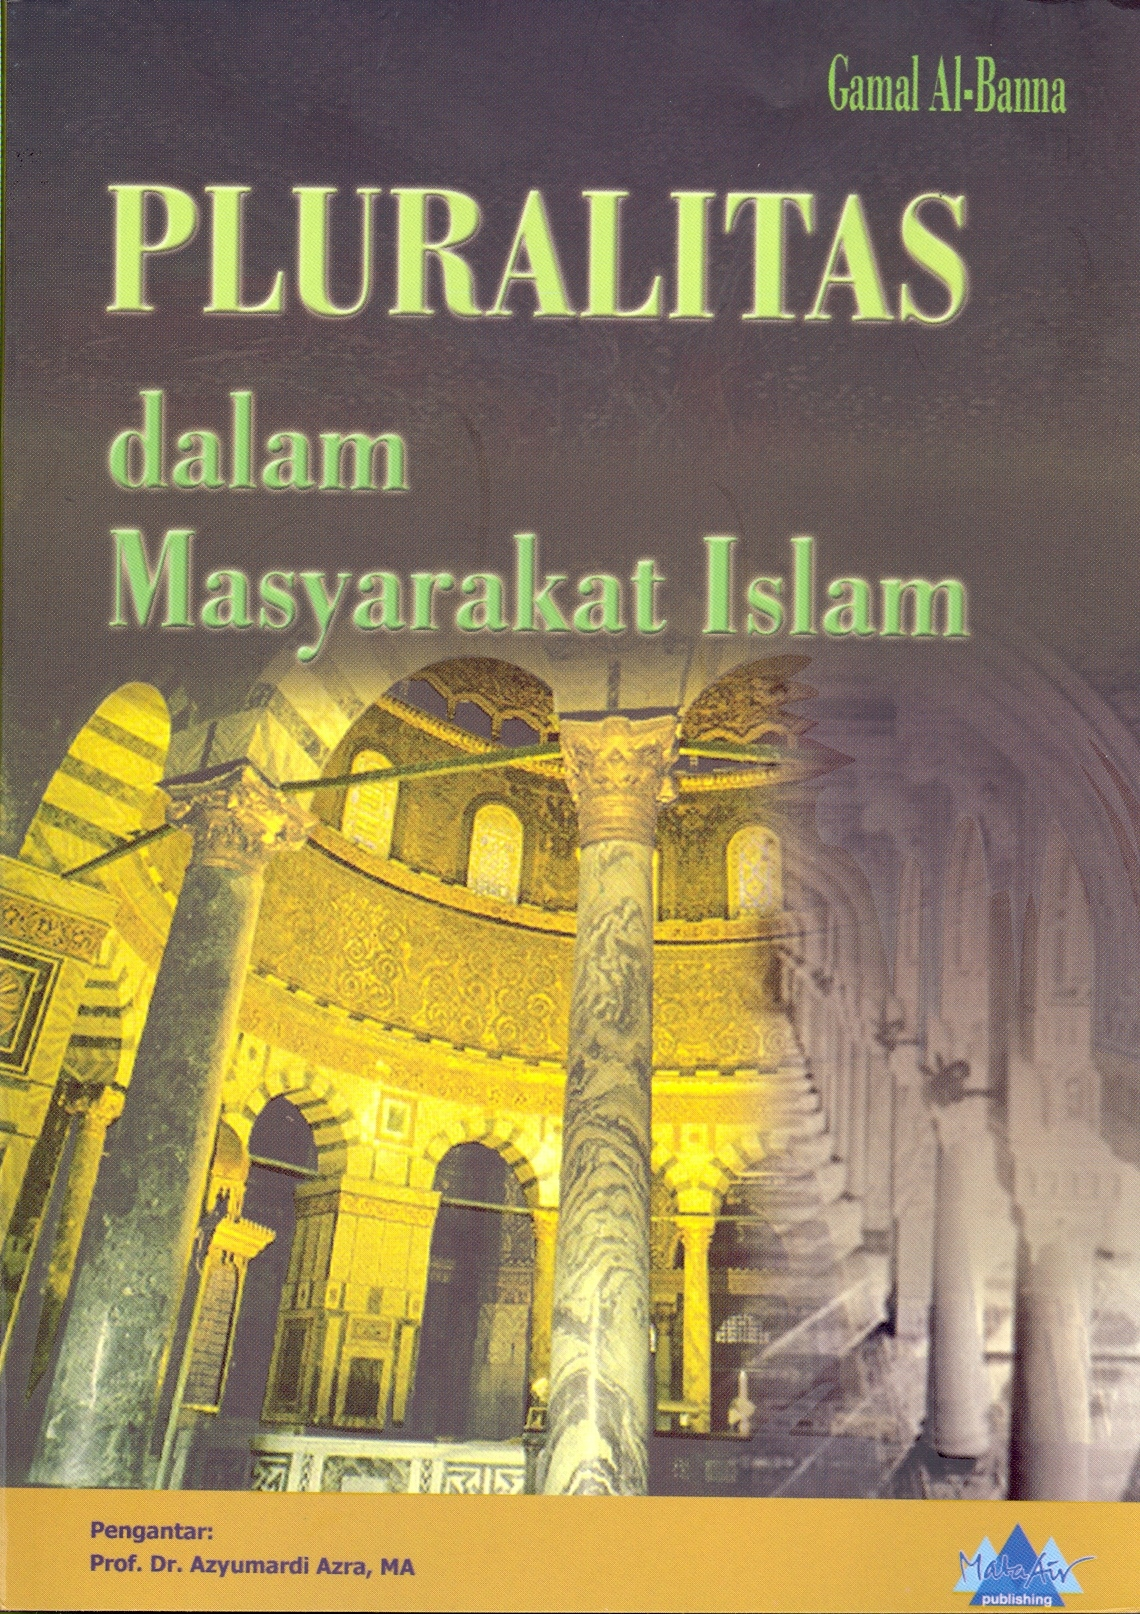 Resensi Buku : Islam Sangat Menghargai Pluralisme